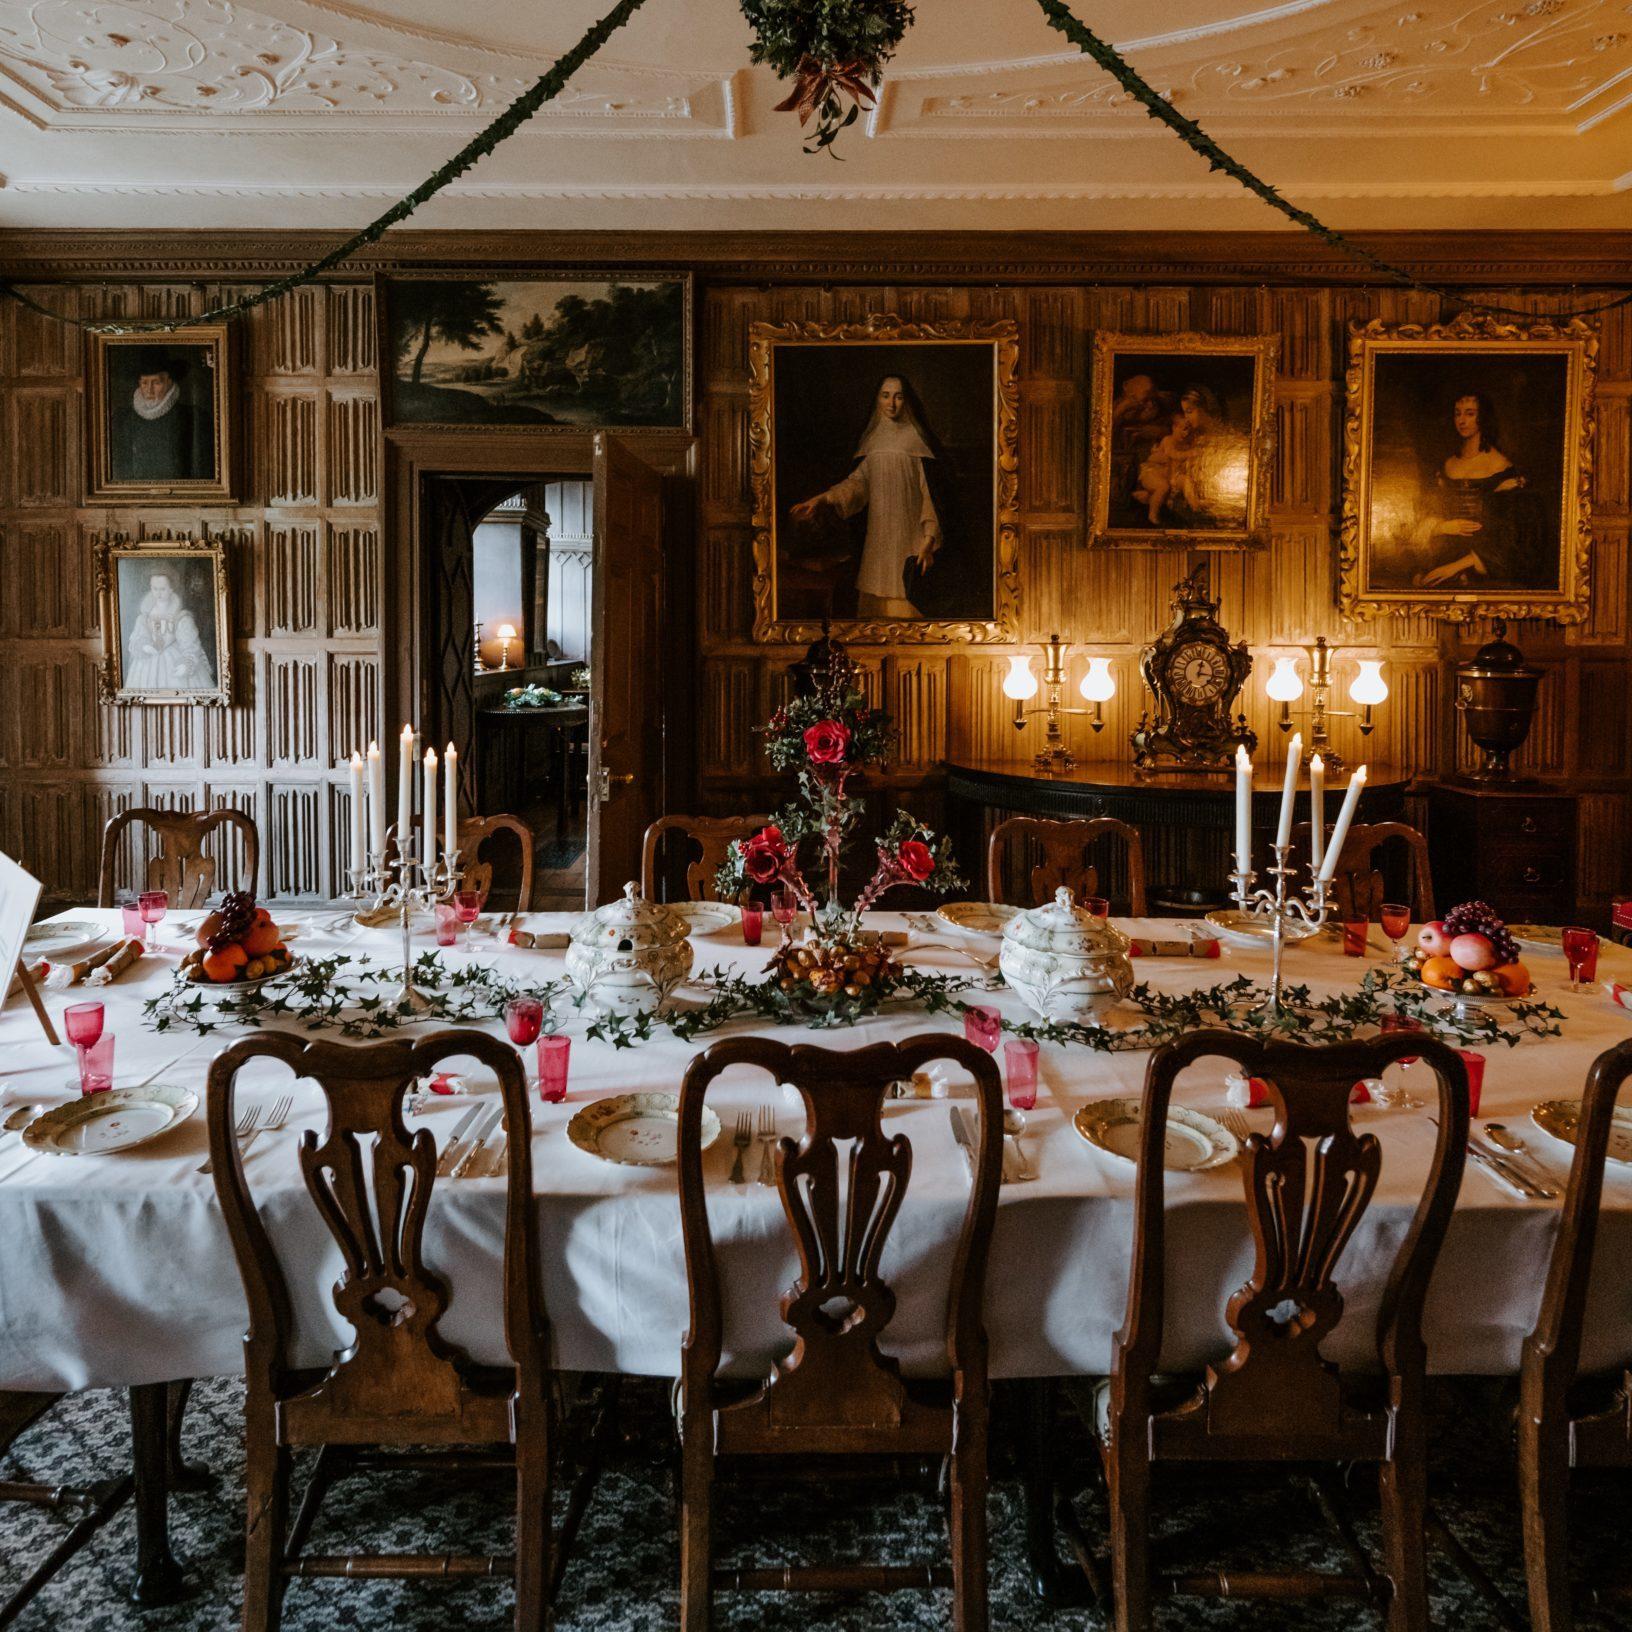 Référence - Bienvenue au Château - Crédit Annie Spratt